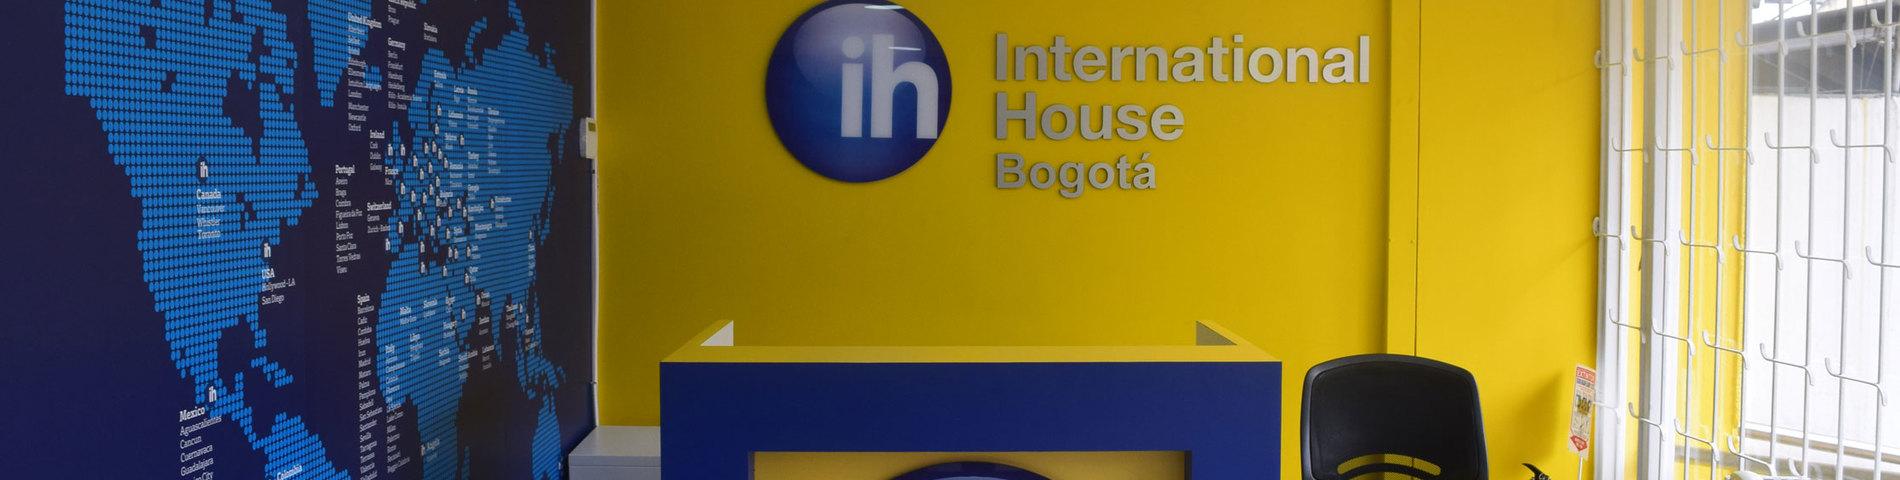 International House Bogota obrazek 1